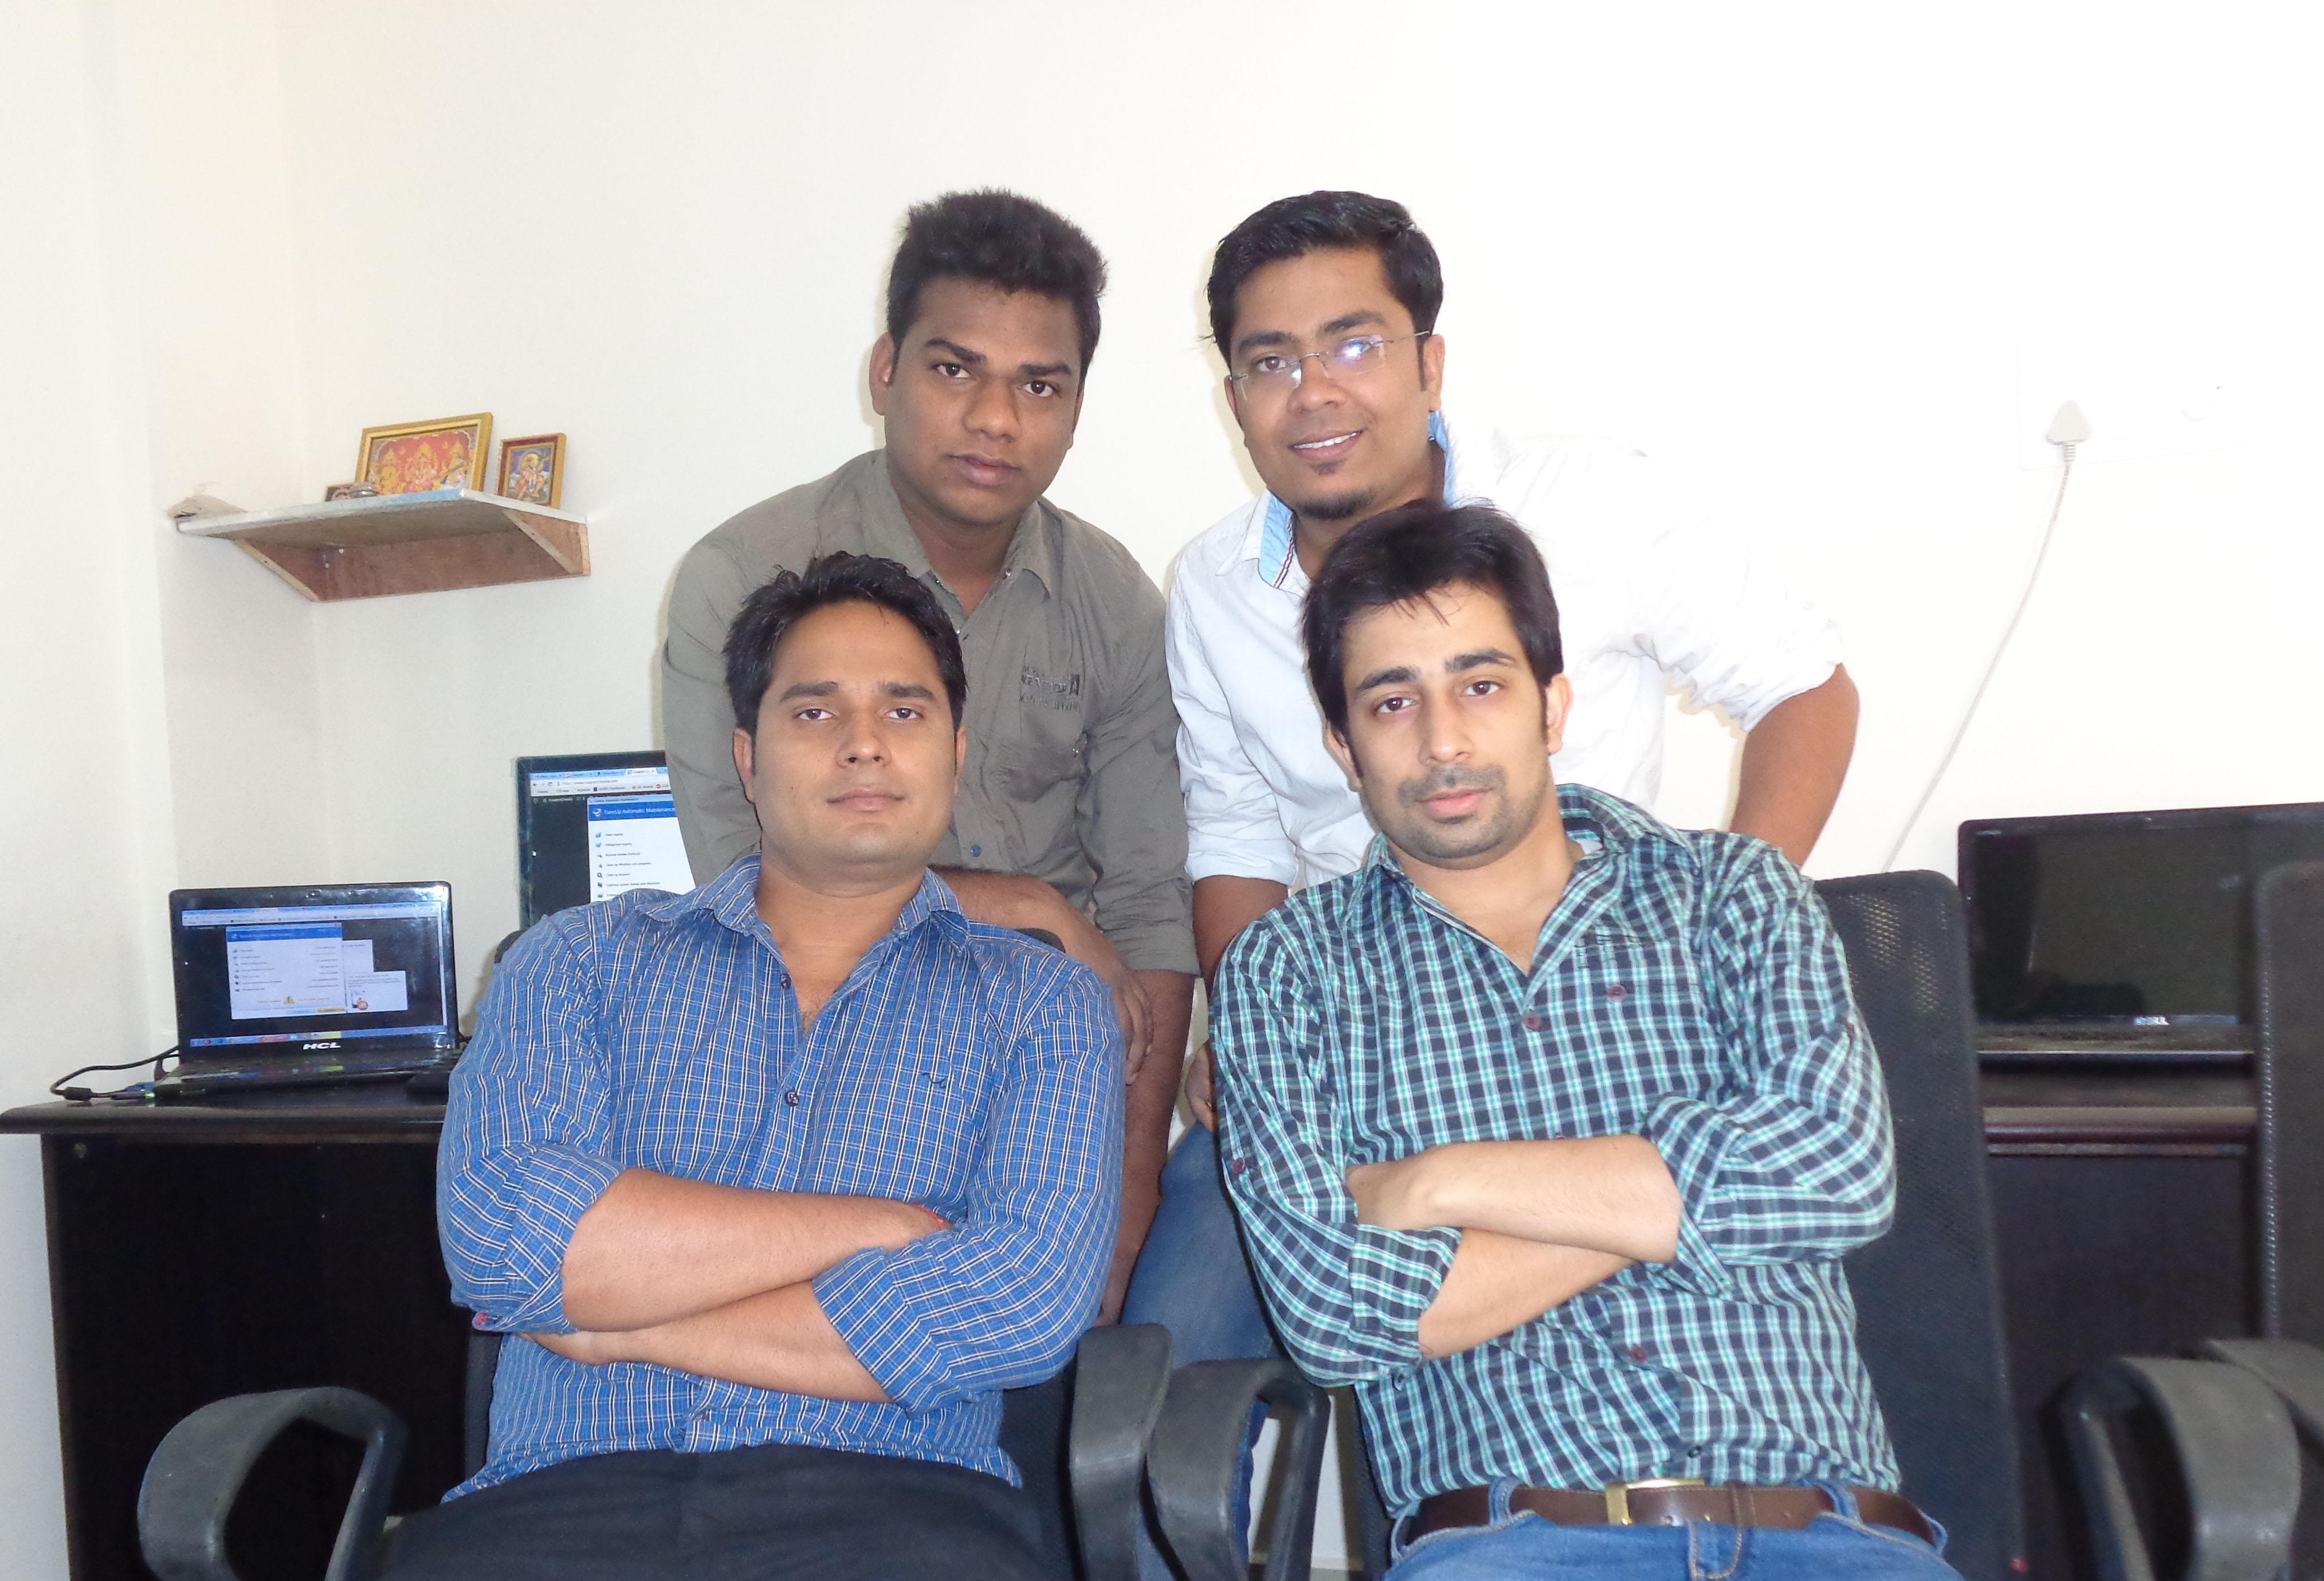 Founders at CouponChaska.com